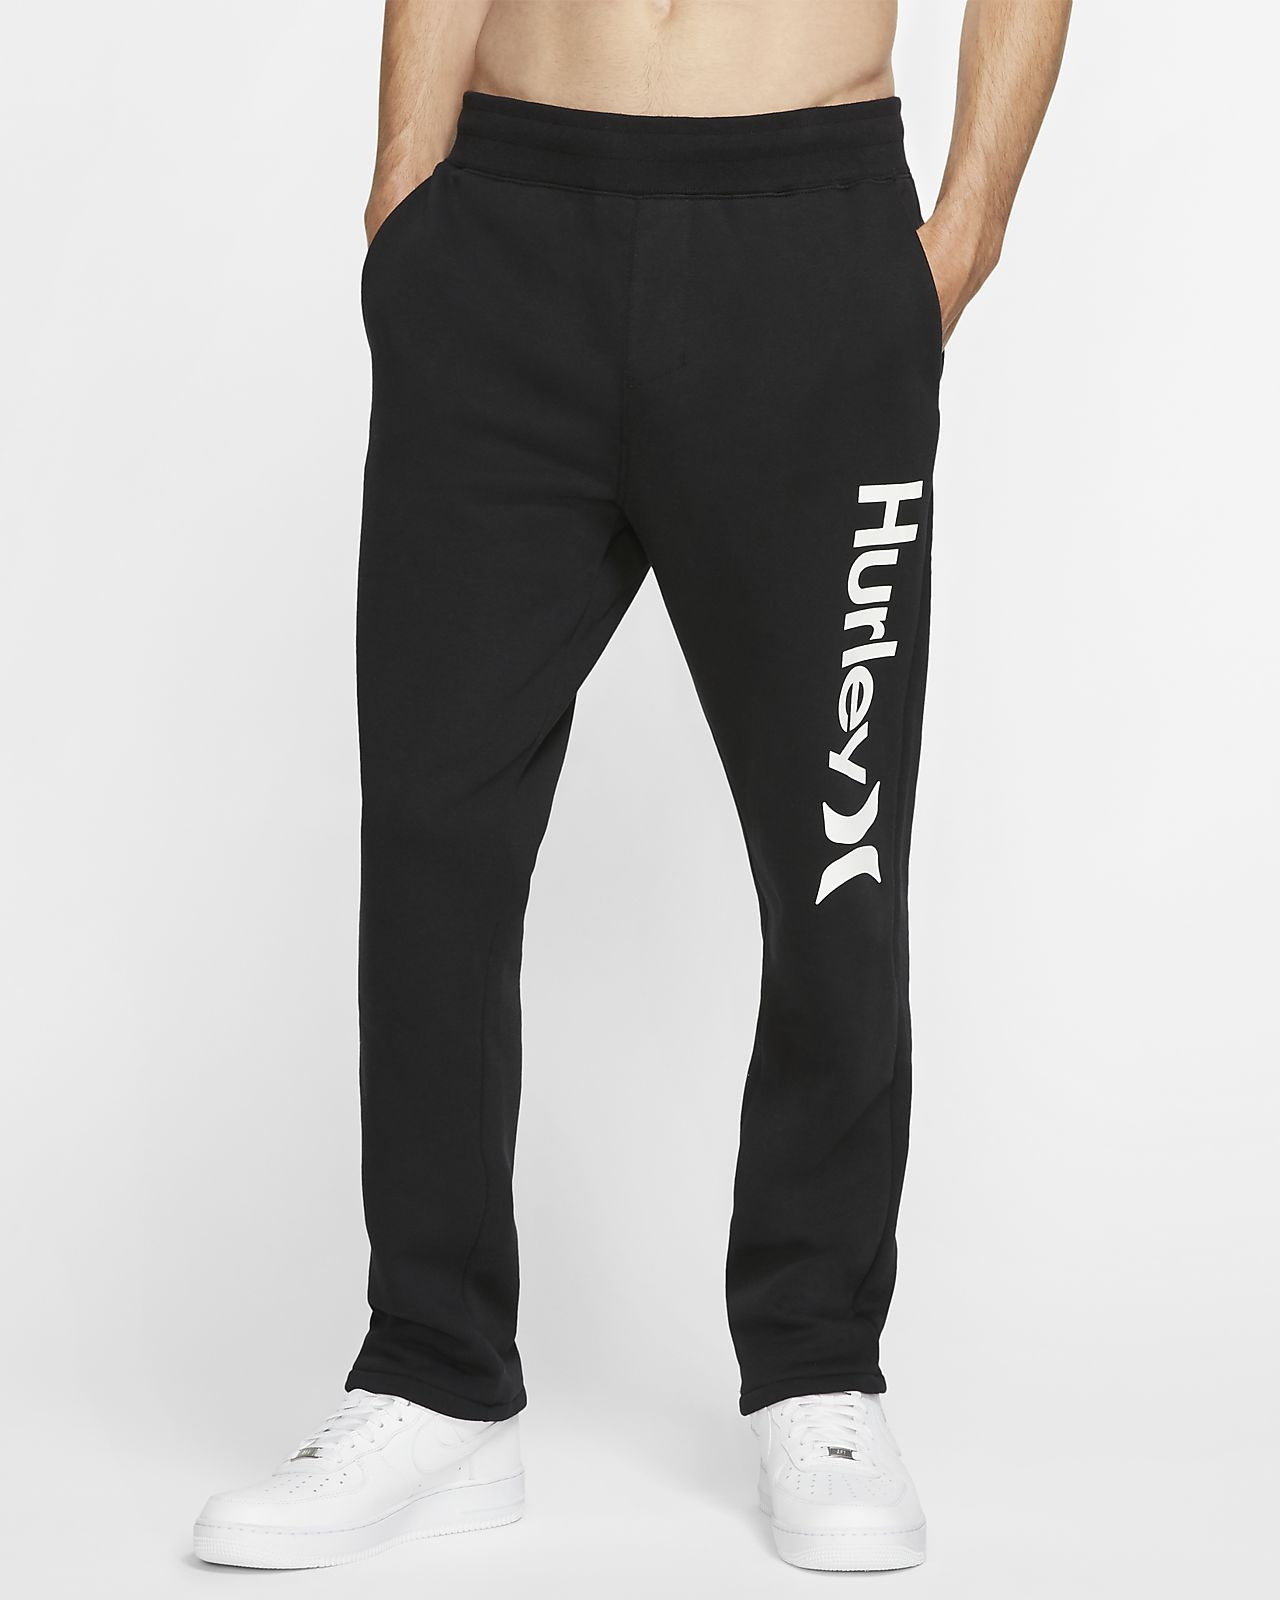 Hurley Surf Check One And Only Pantalón de chándal de tejido Fleece - Hombre